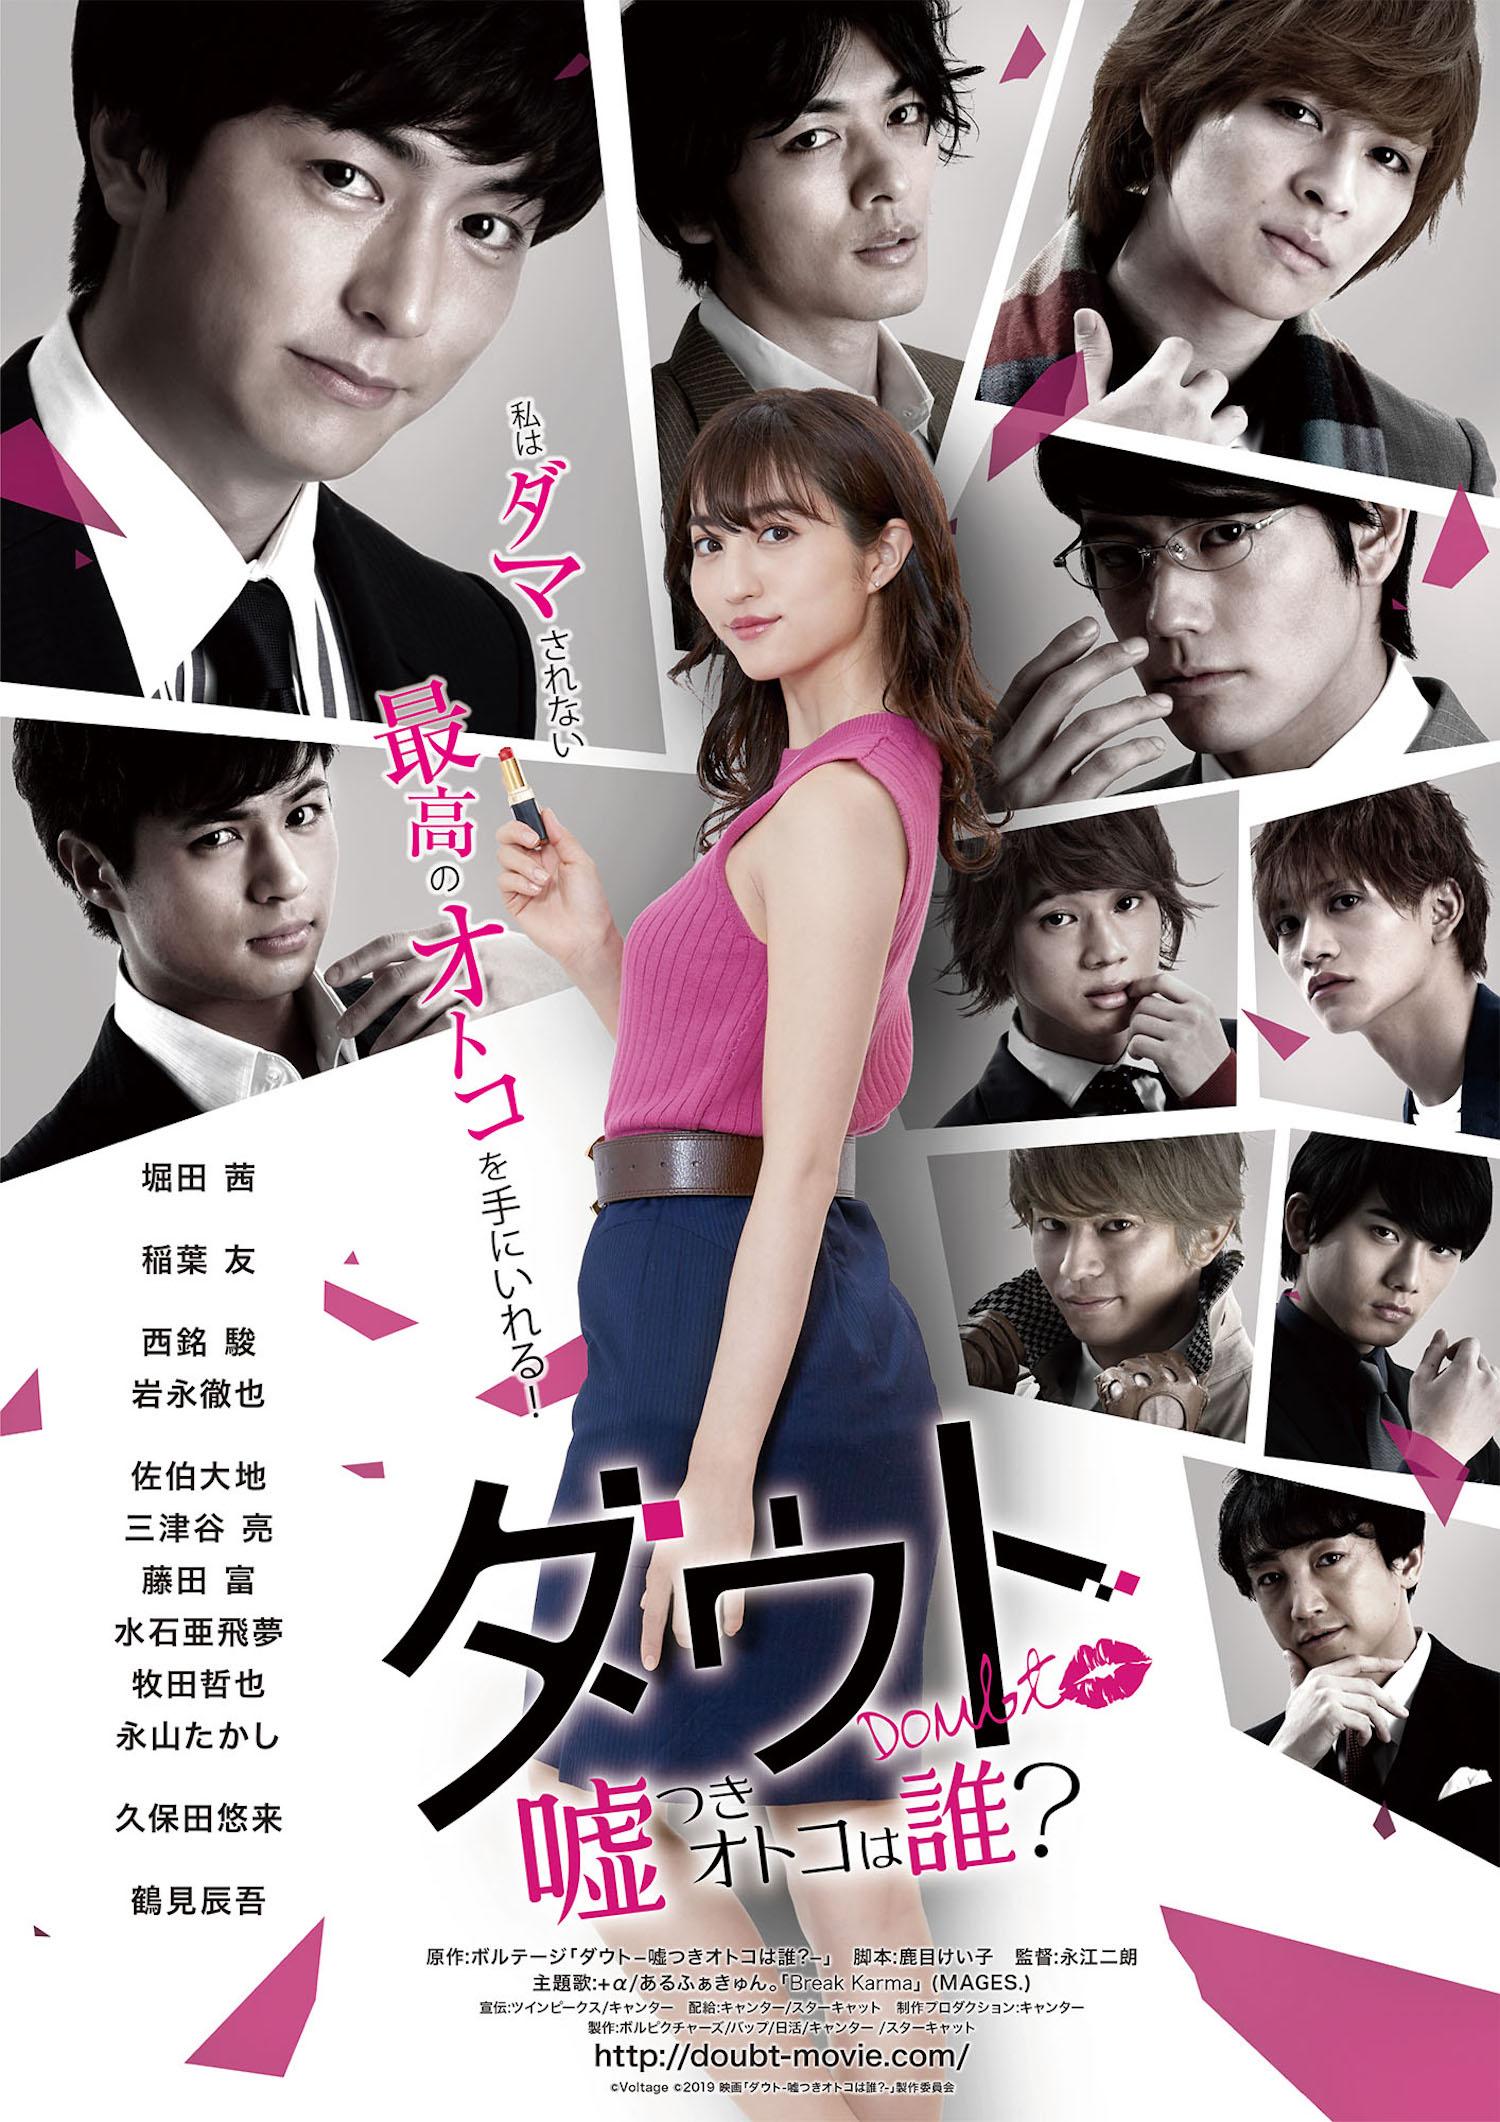 堀田茜、初主演映画『ダウト-嘘つきオトコは誰?-』